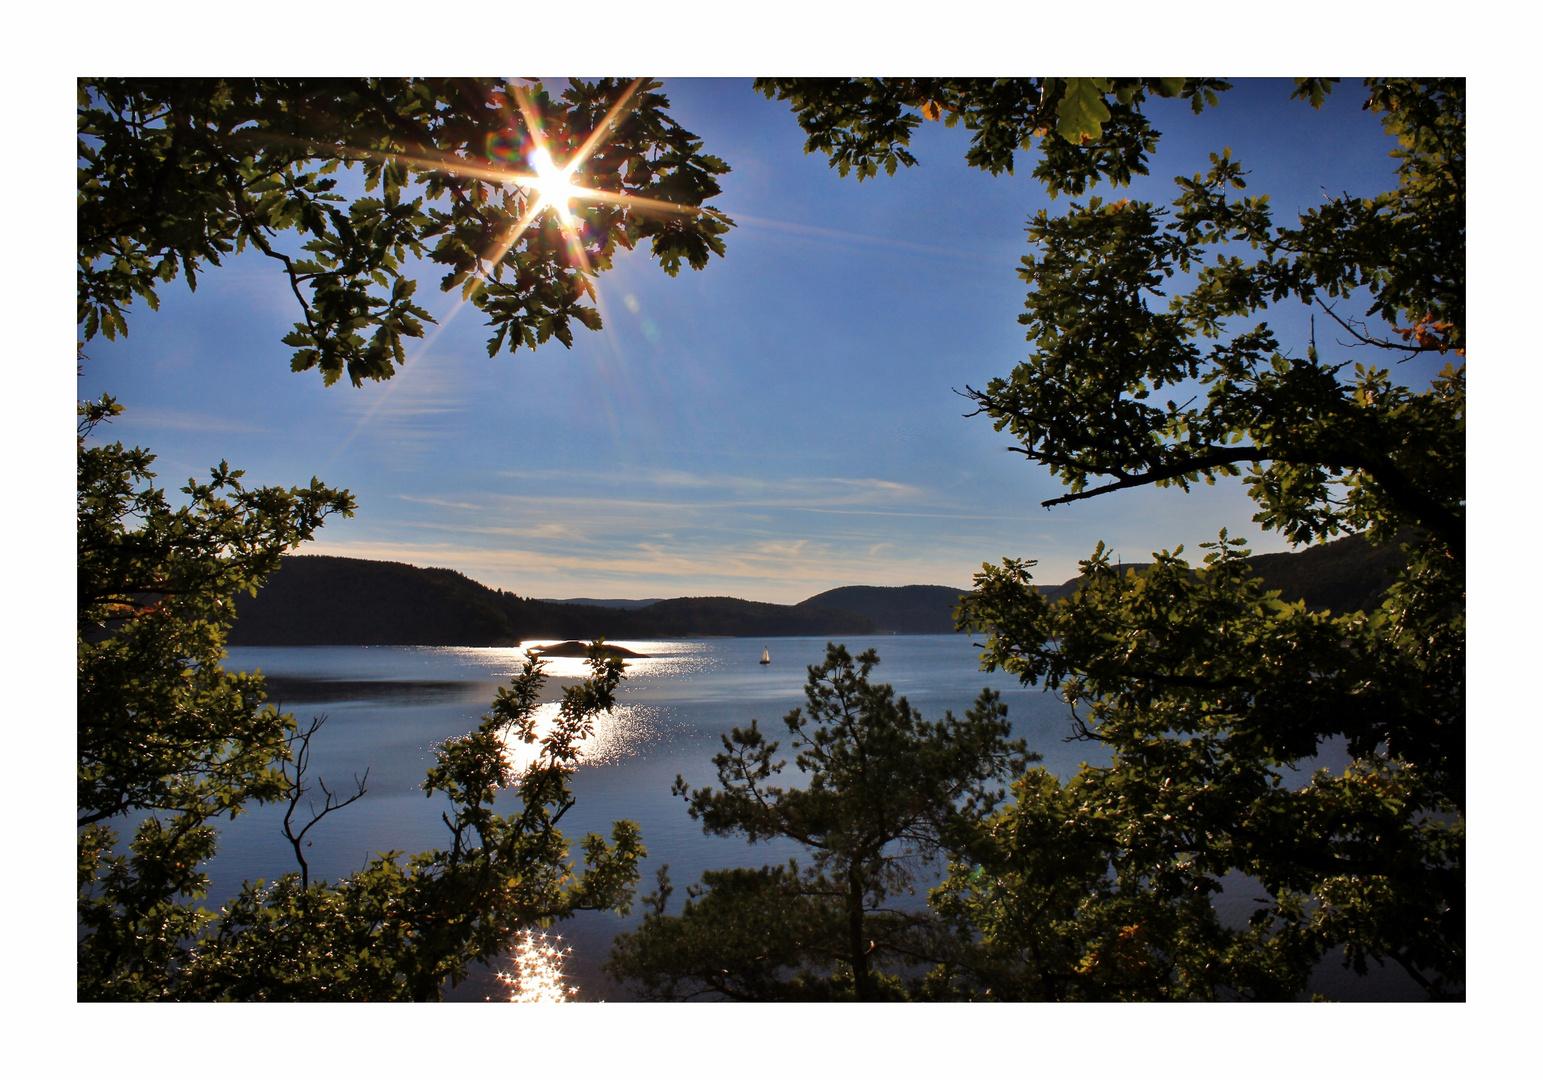 Der Segler auf dem Silbersee